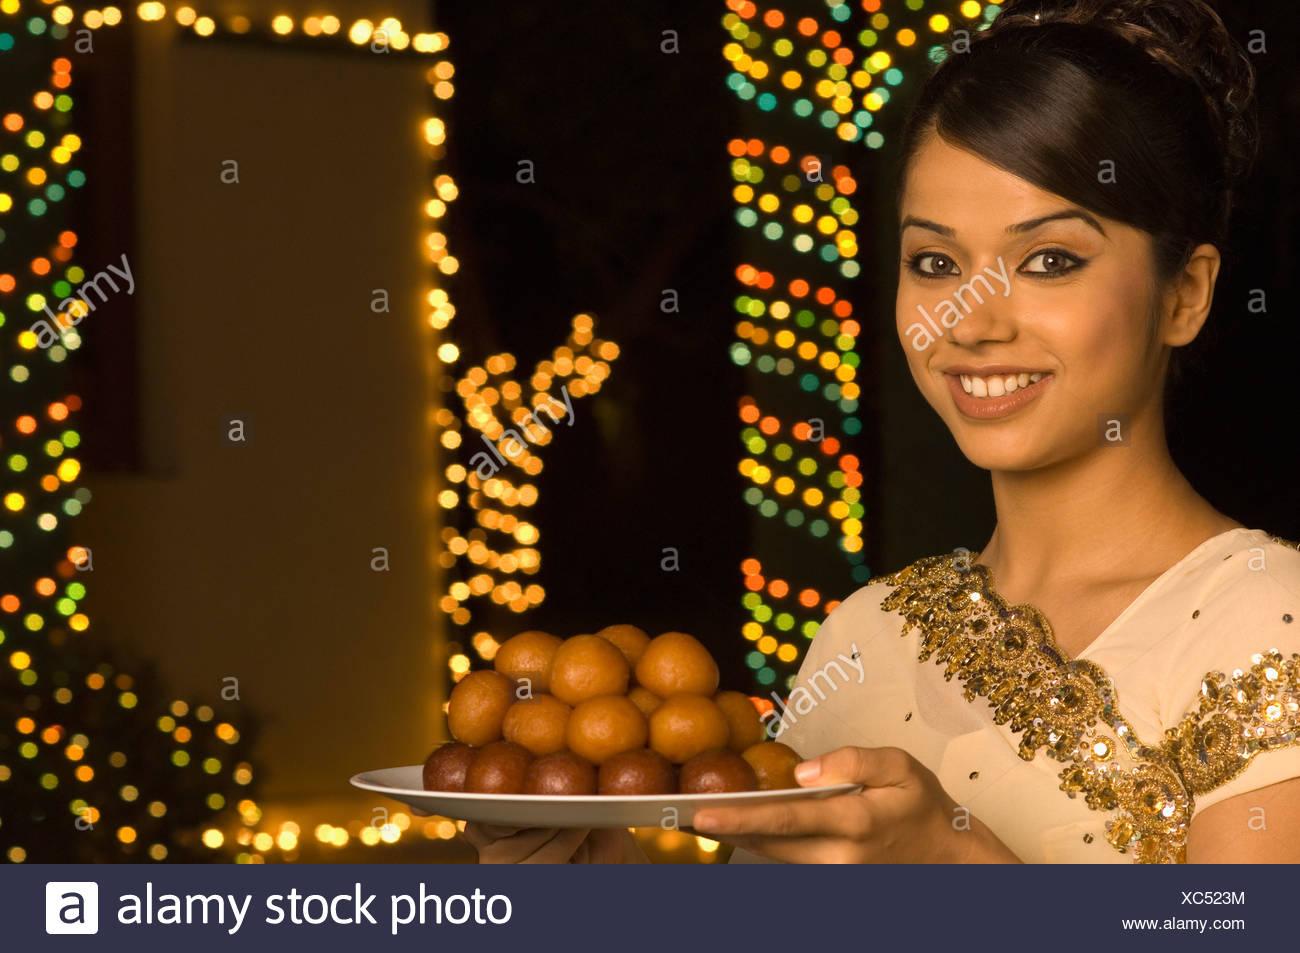 Woman holding bonbons dans une assiette et smiling Banque D'Images